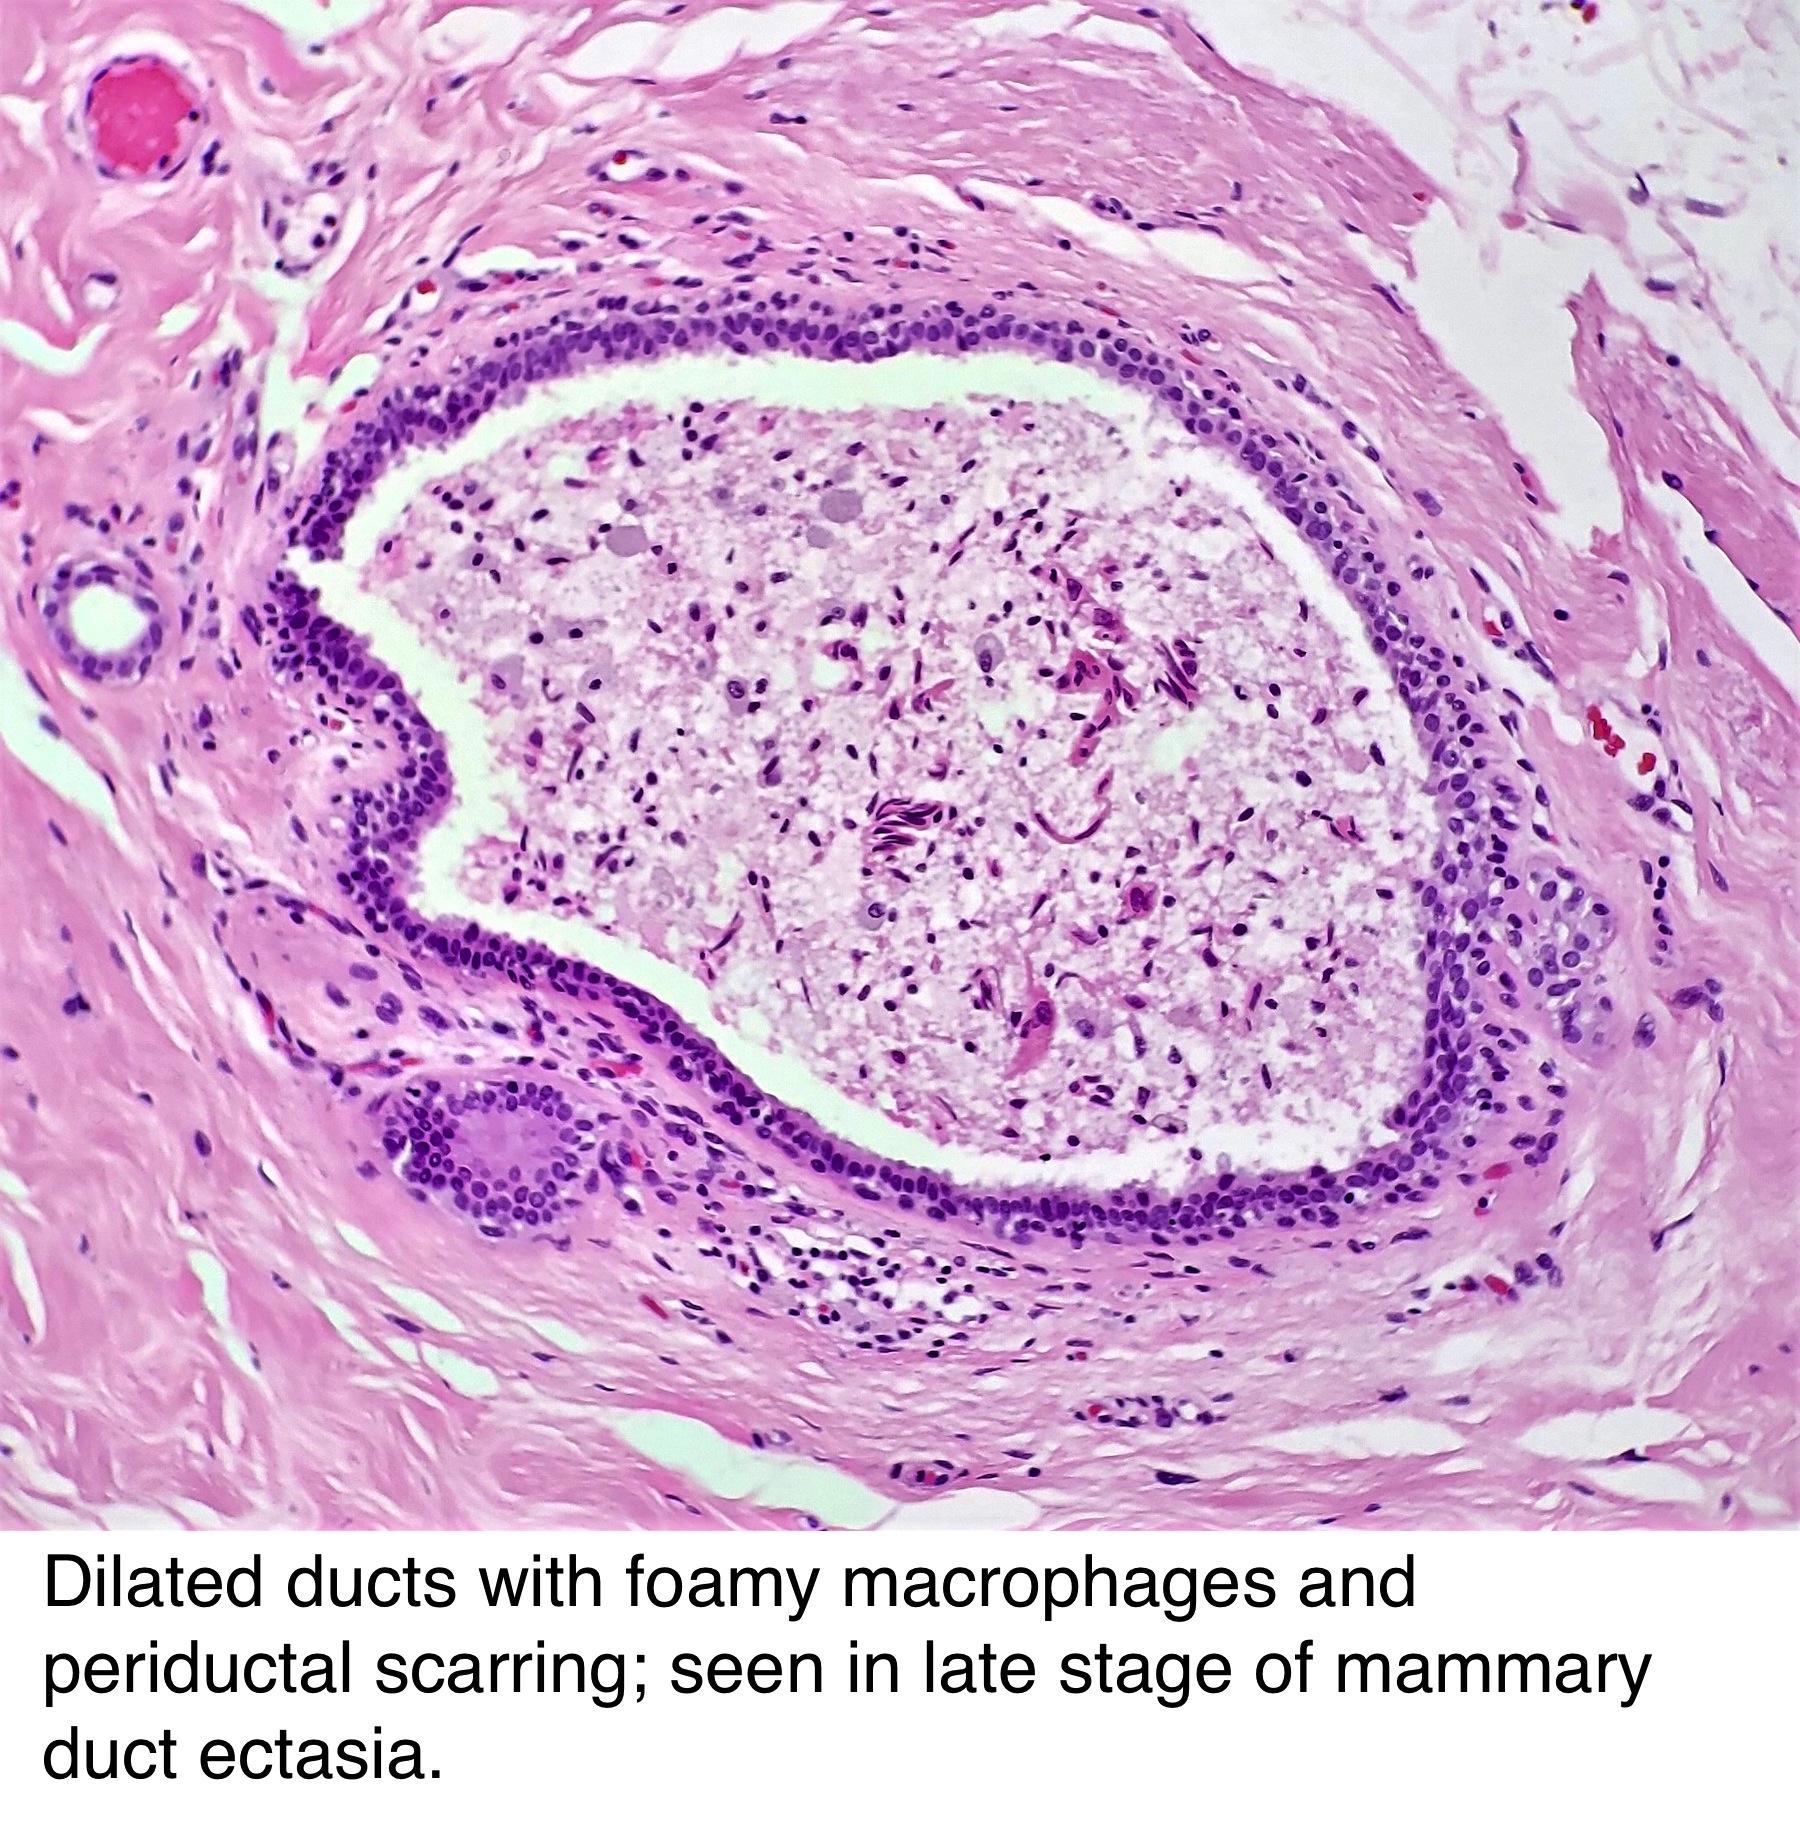 intraductalis papilloma és ductalis ectasia hpv lazer tedavisi izmir